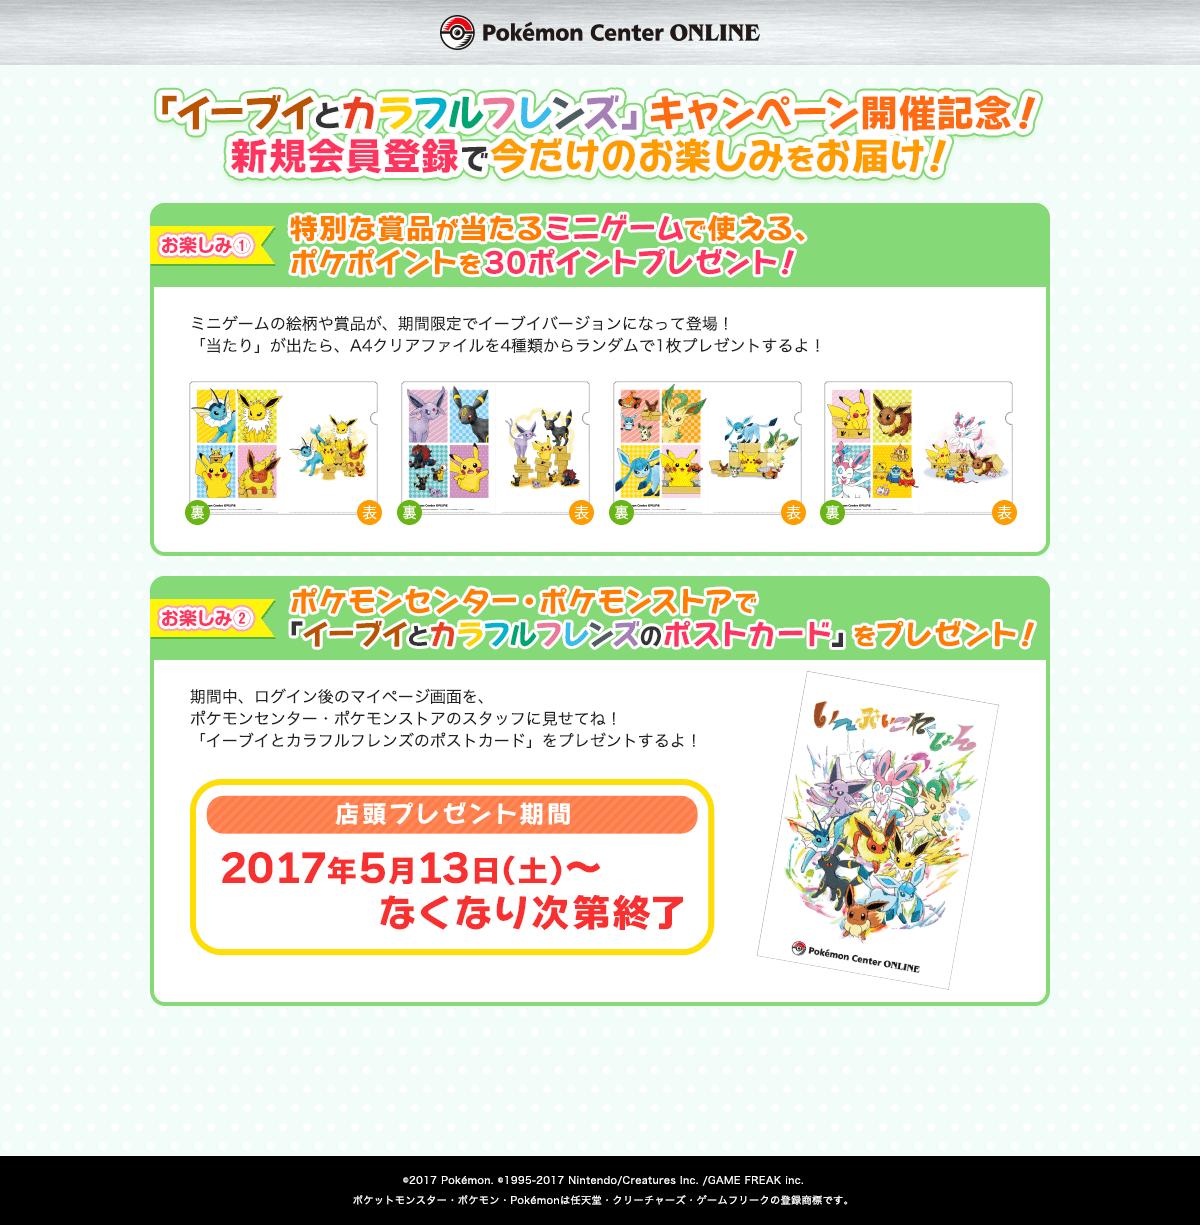 ポケモンセンターオンライン